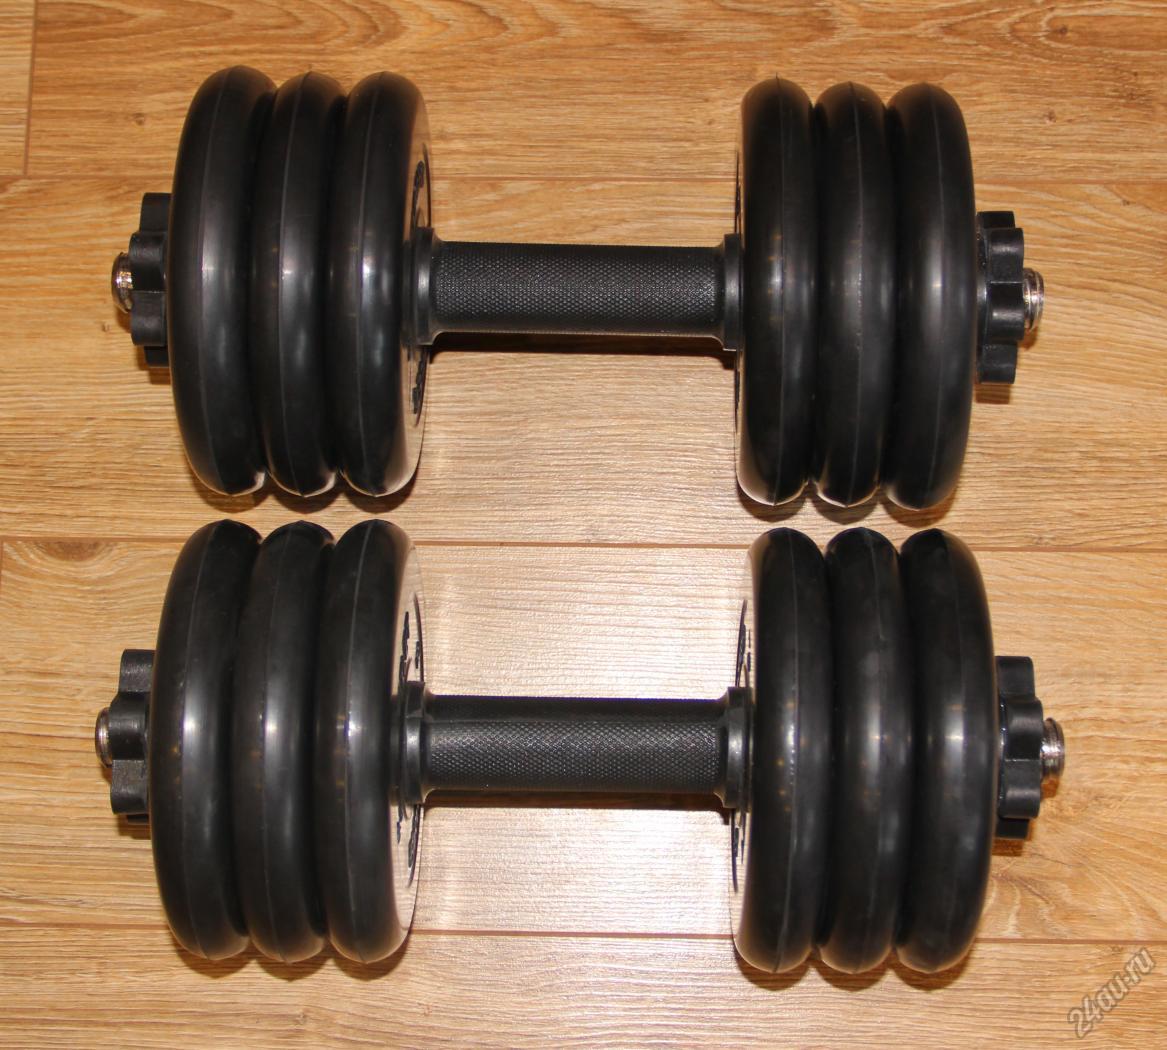 Гантели или штанга, что лучше для тренировки мышц дома в зале